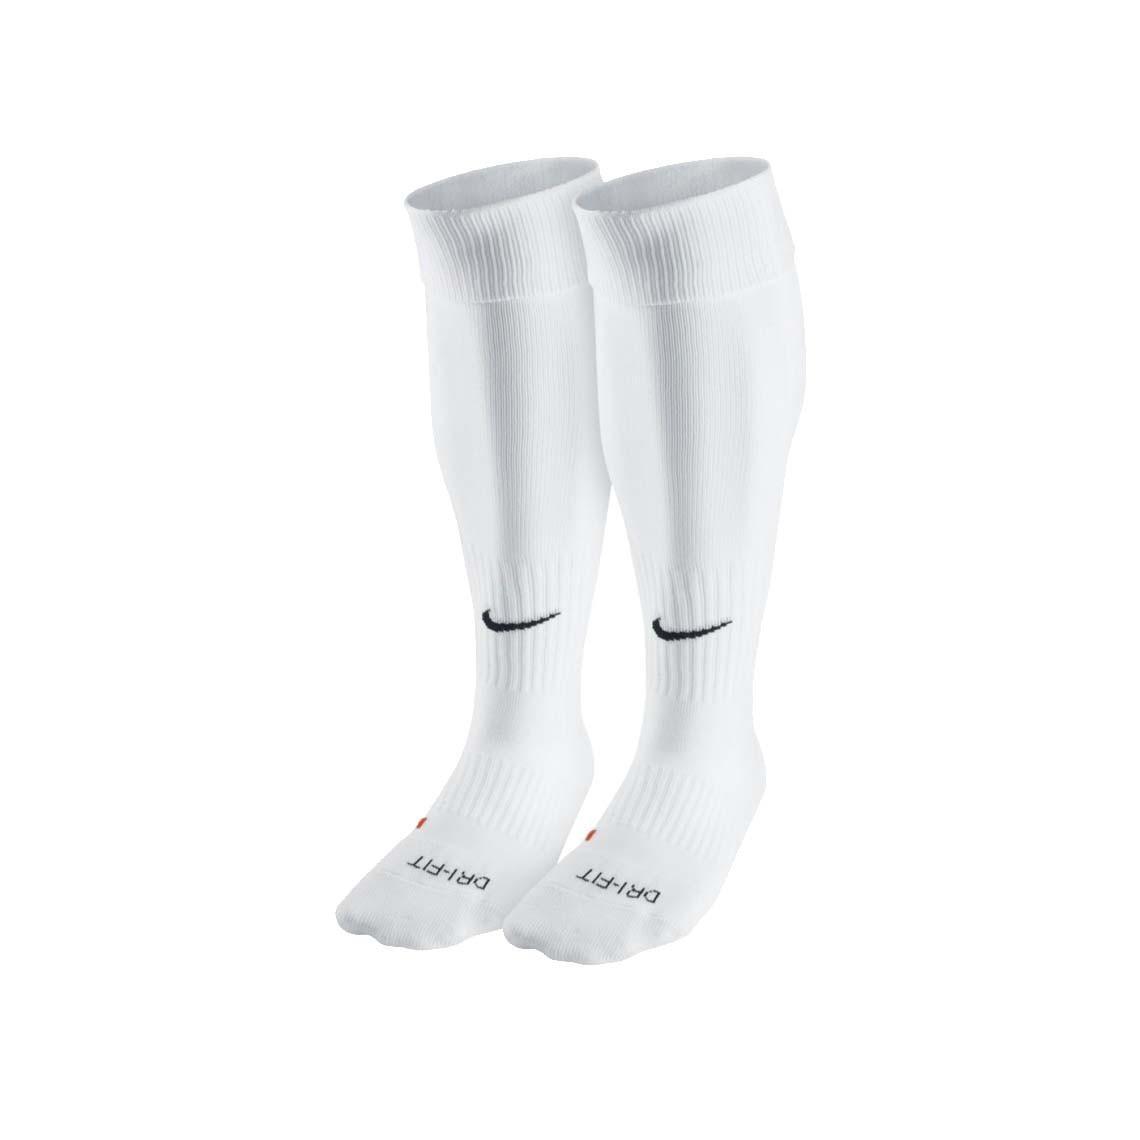 Nike Classic Kaos Kaki Olahraga Sepakbola Pria - White (Black) 663e40494b